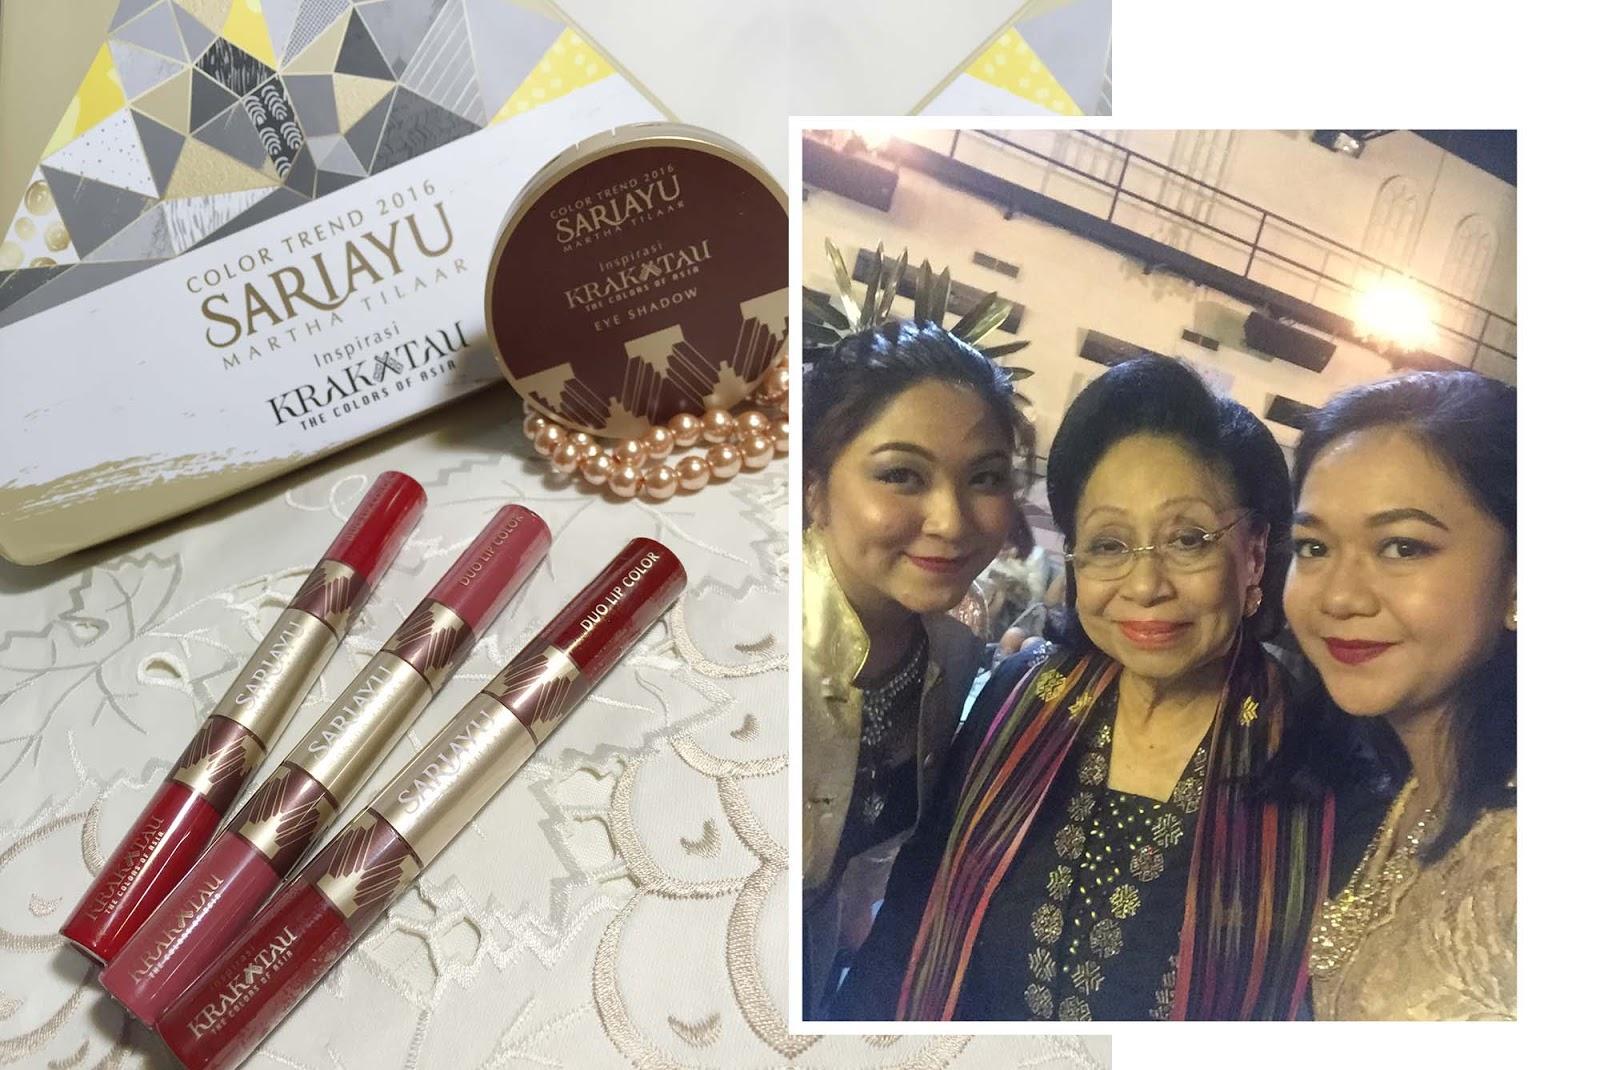 Sariayu Martha Tilaar Color Trend 2016 Inspirasi Krakatau 16 Duo Lip K 10 Trendwarnakrakatau